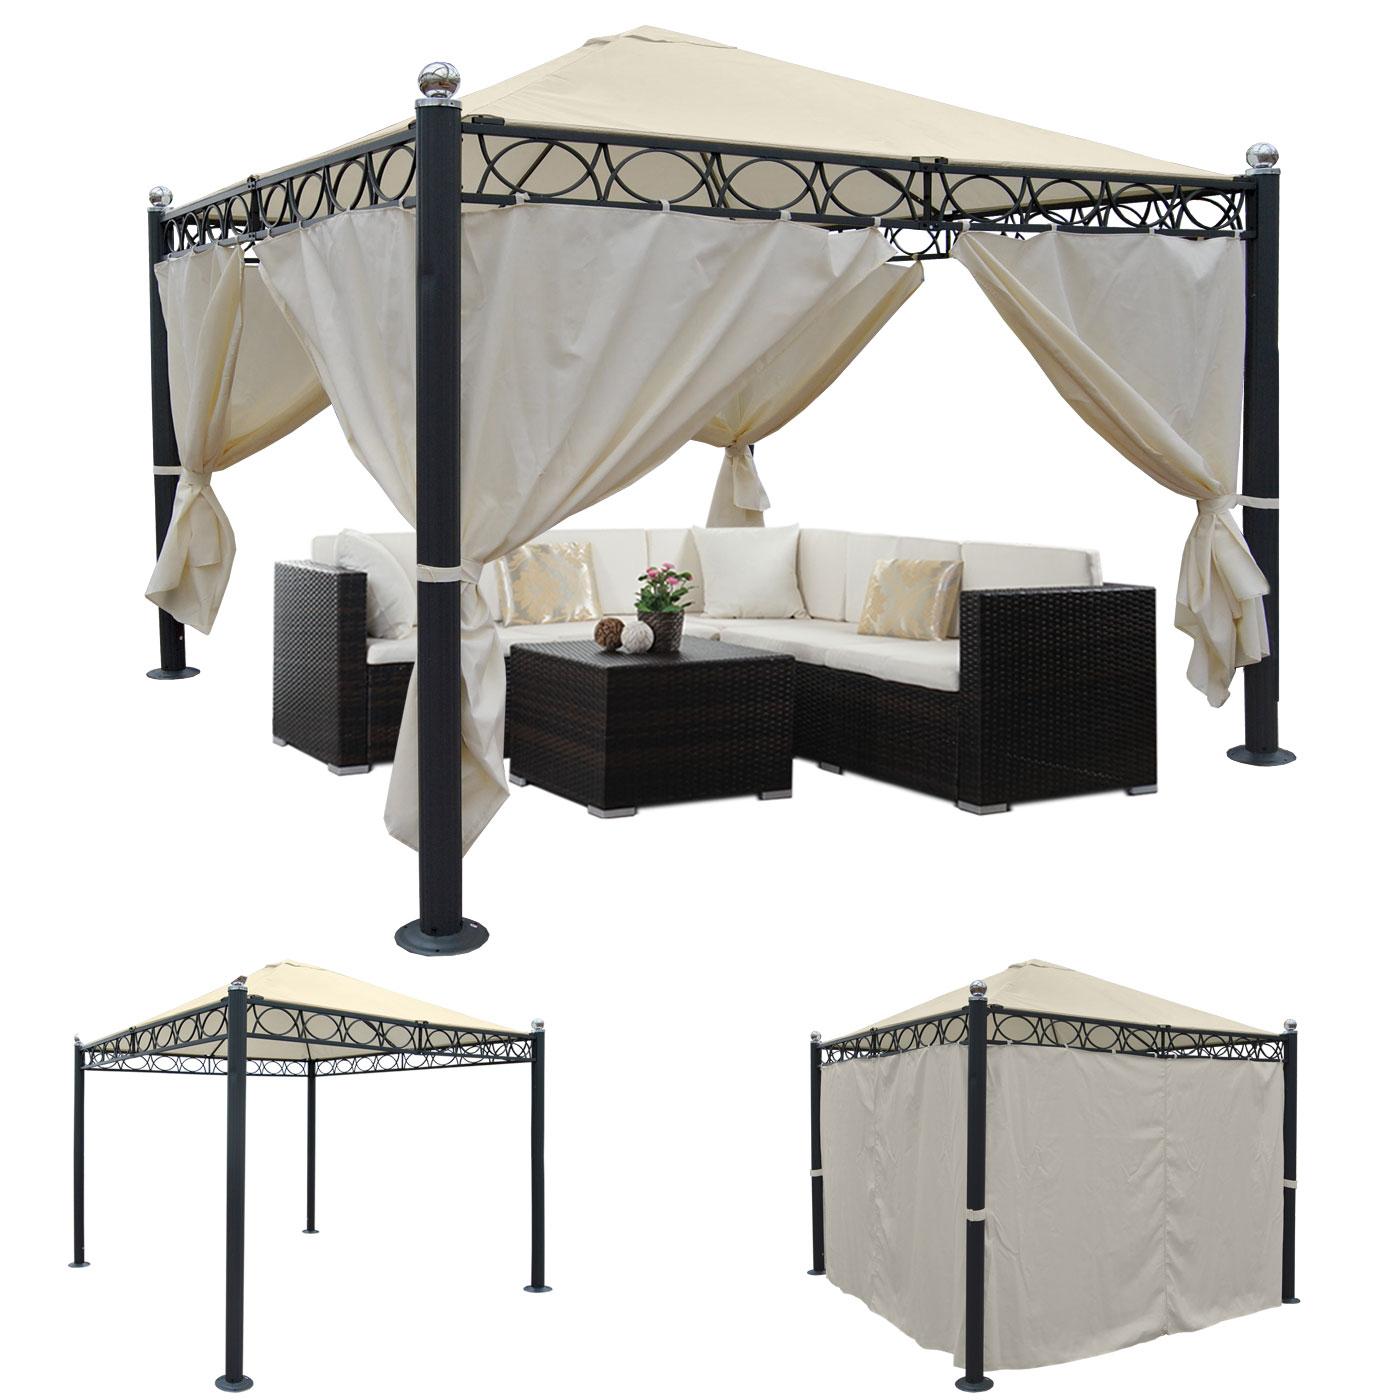 belagua, garten pavillon, stabiles 10cm luxus-alu-gestell, 3x3m, Badezimmer ideen